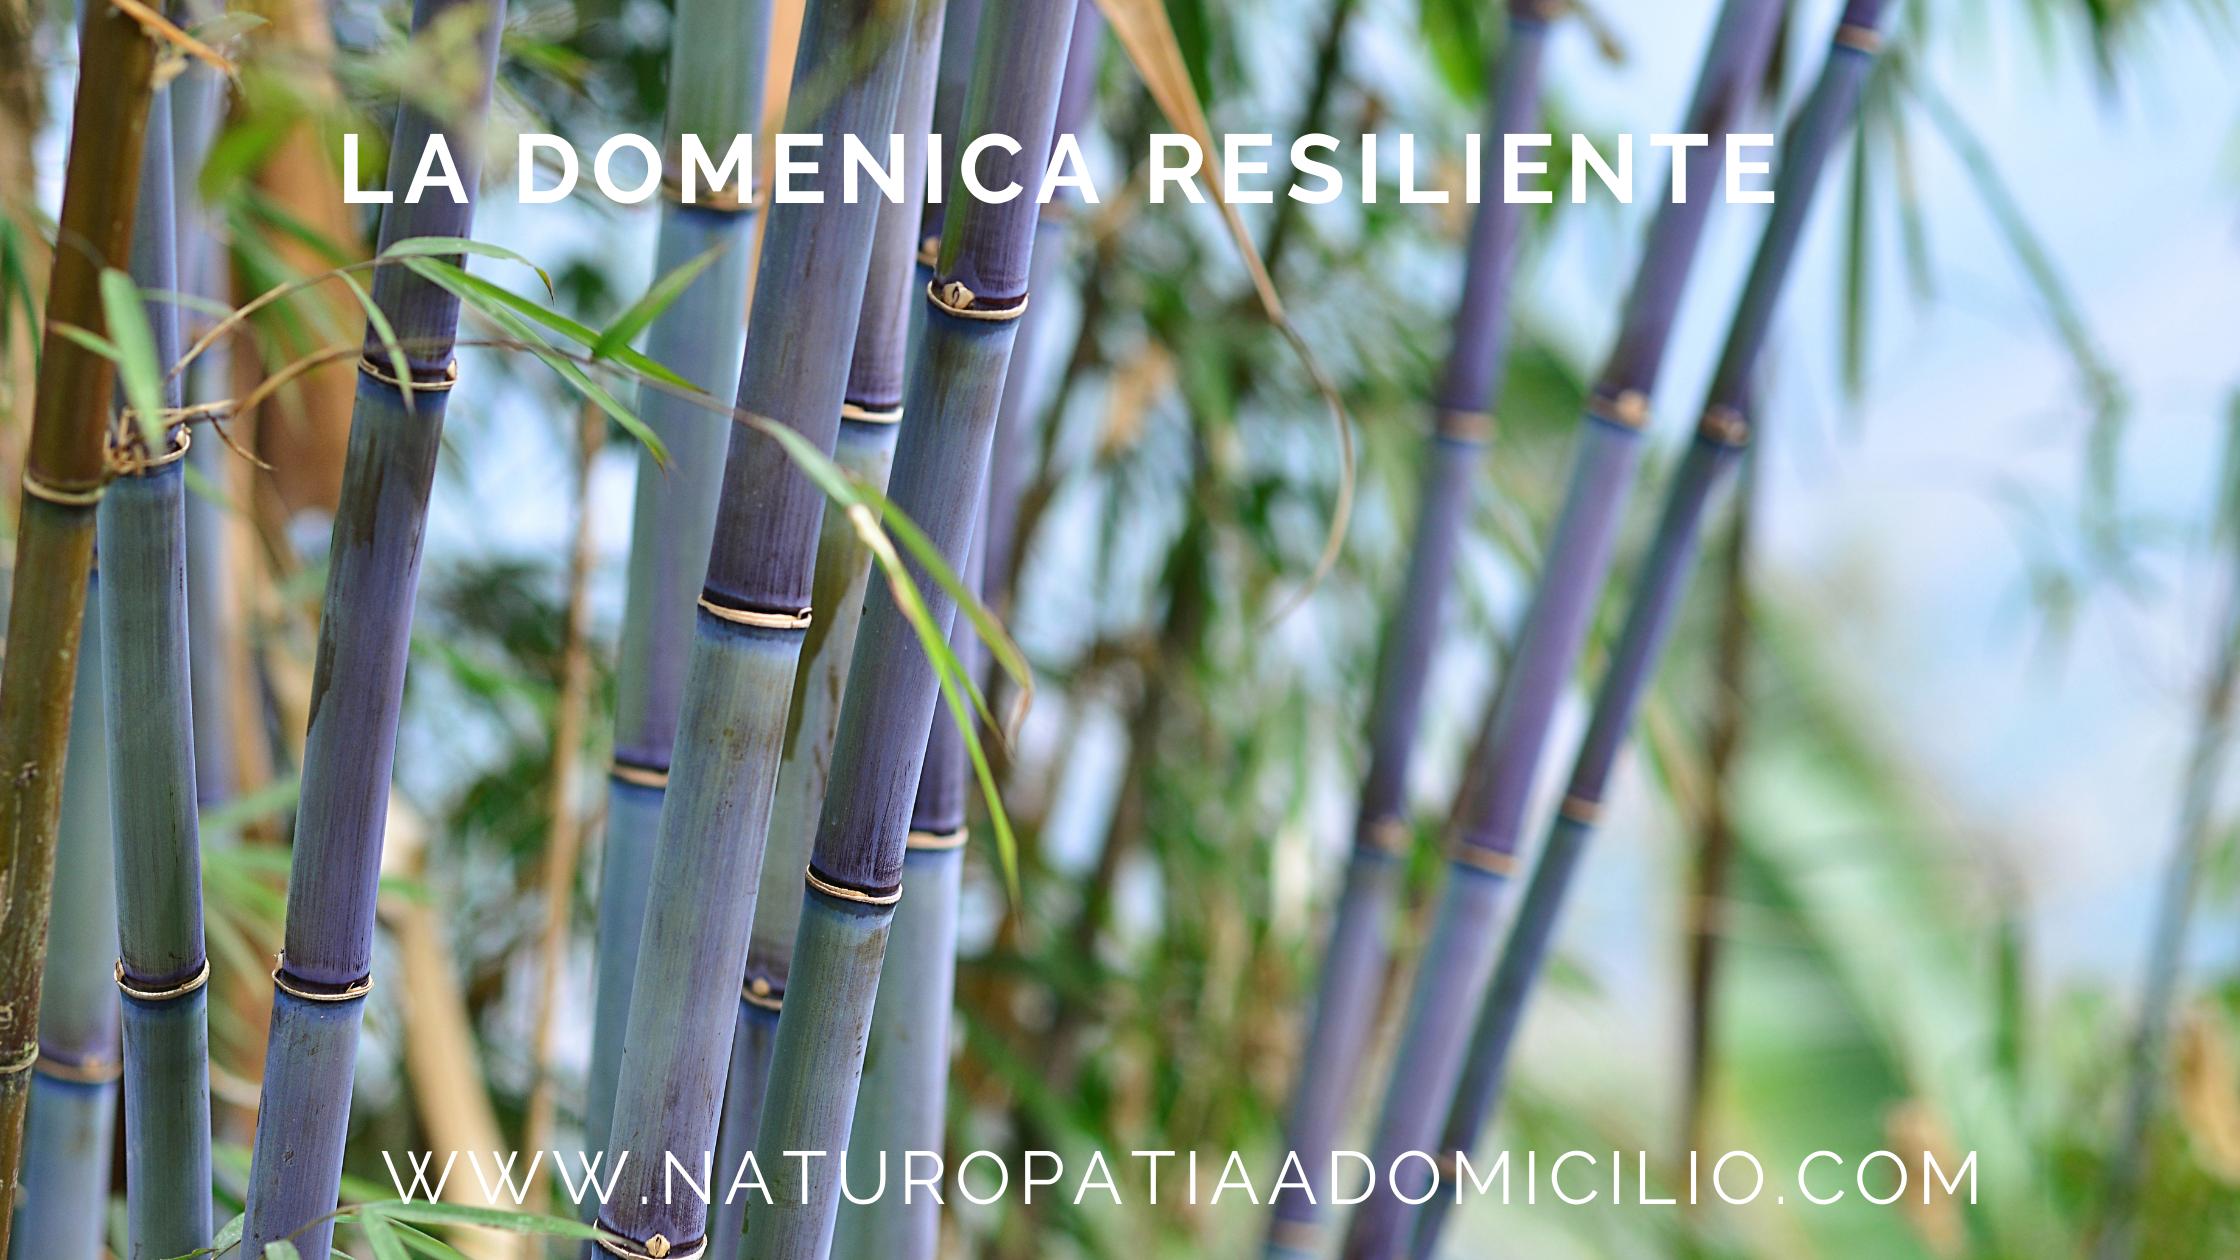 La Domenica Resiliente